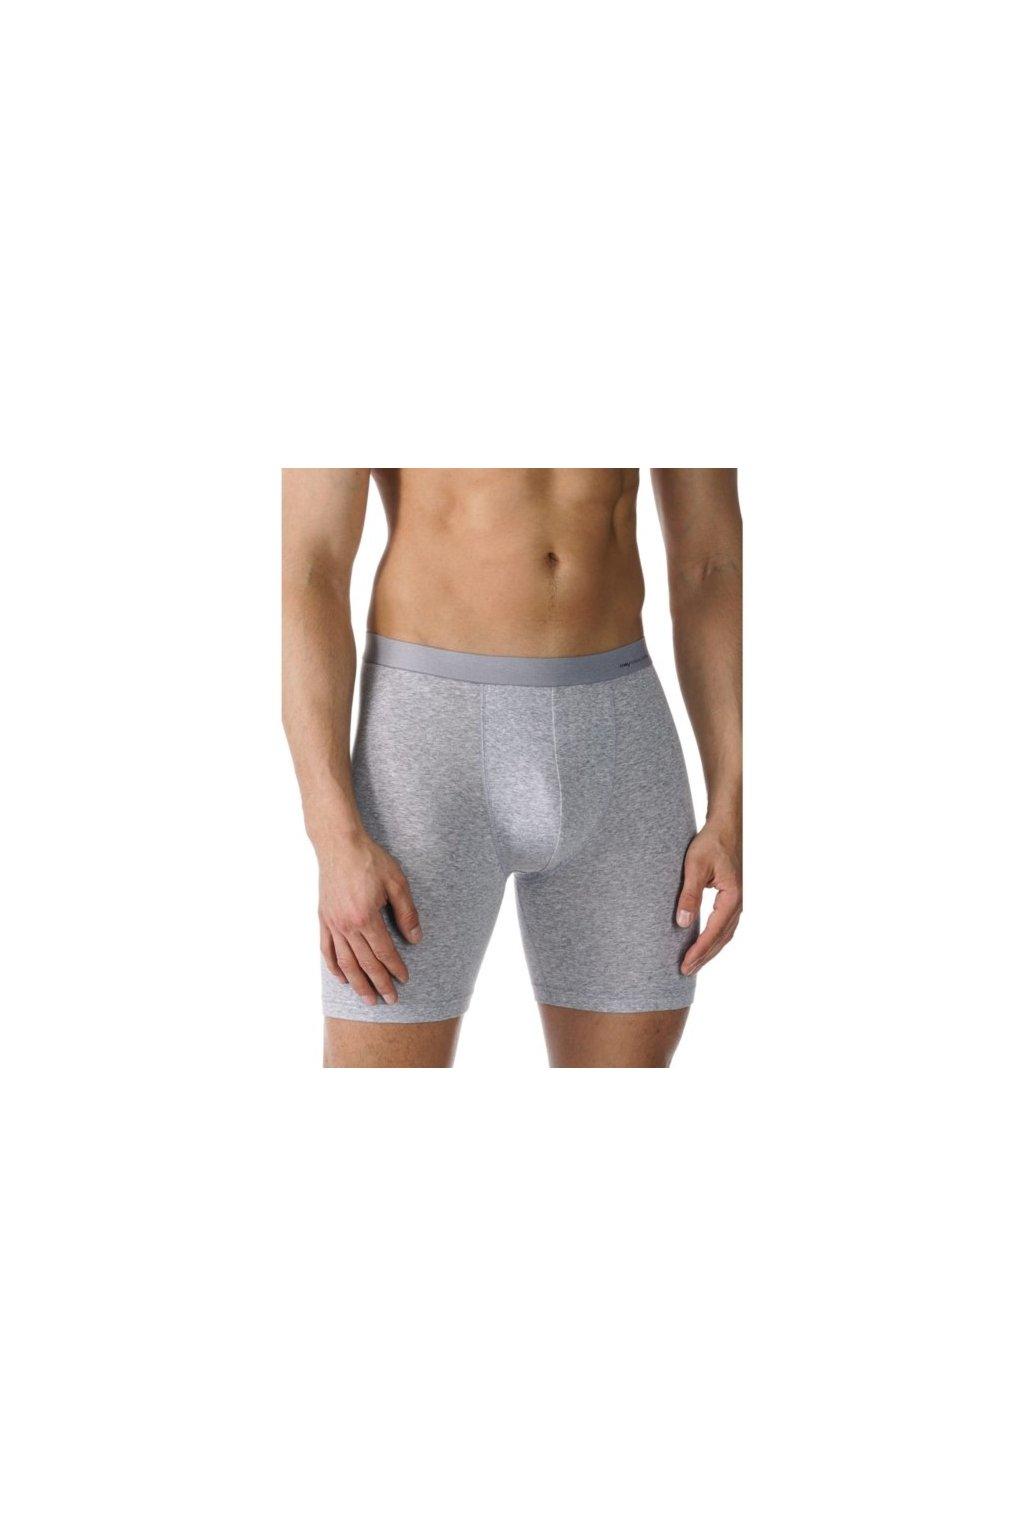 Pánske boxerky Mey 49124